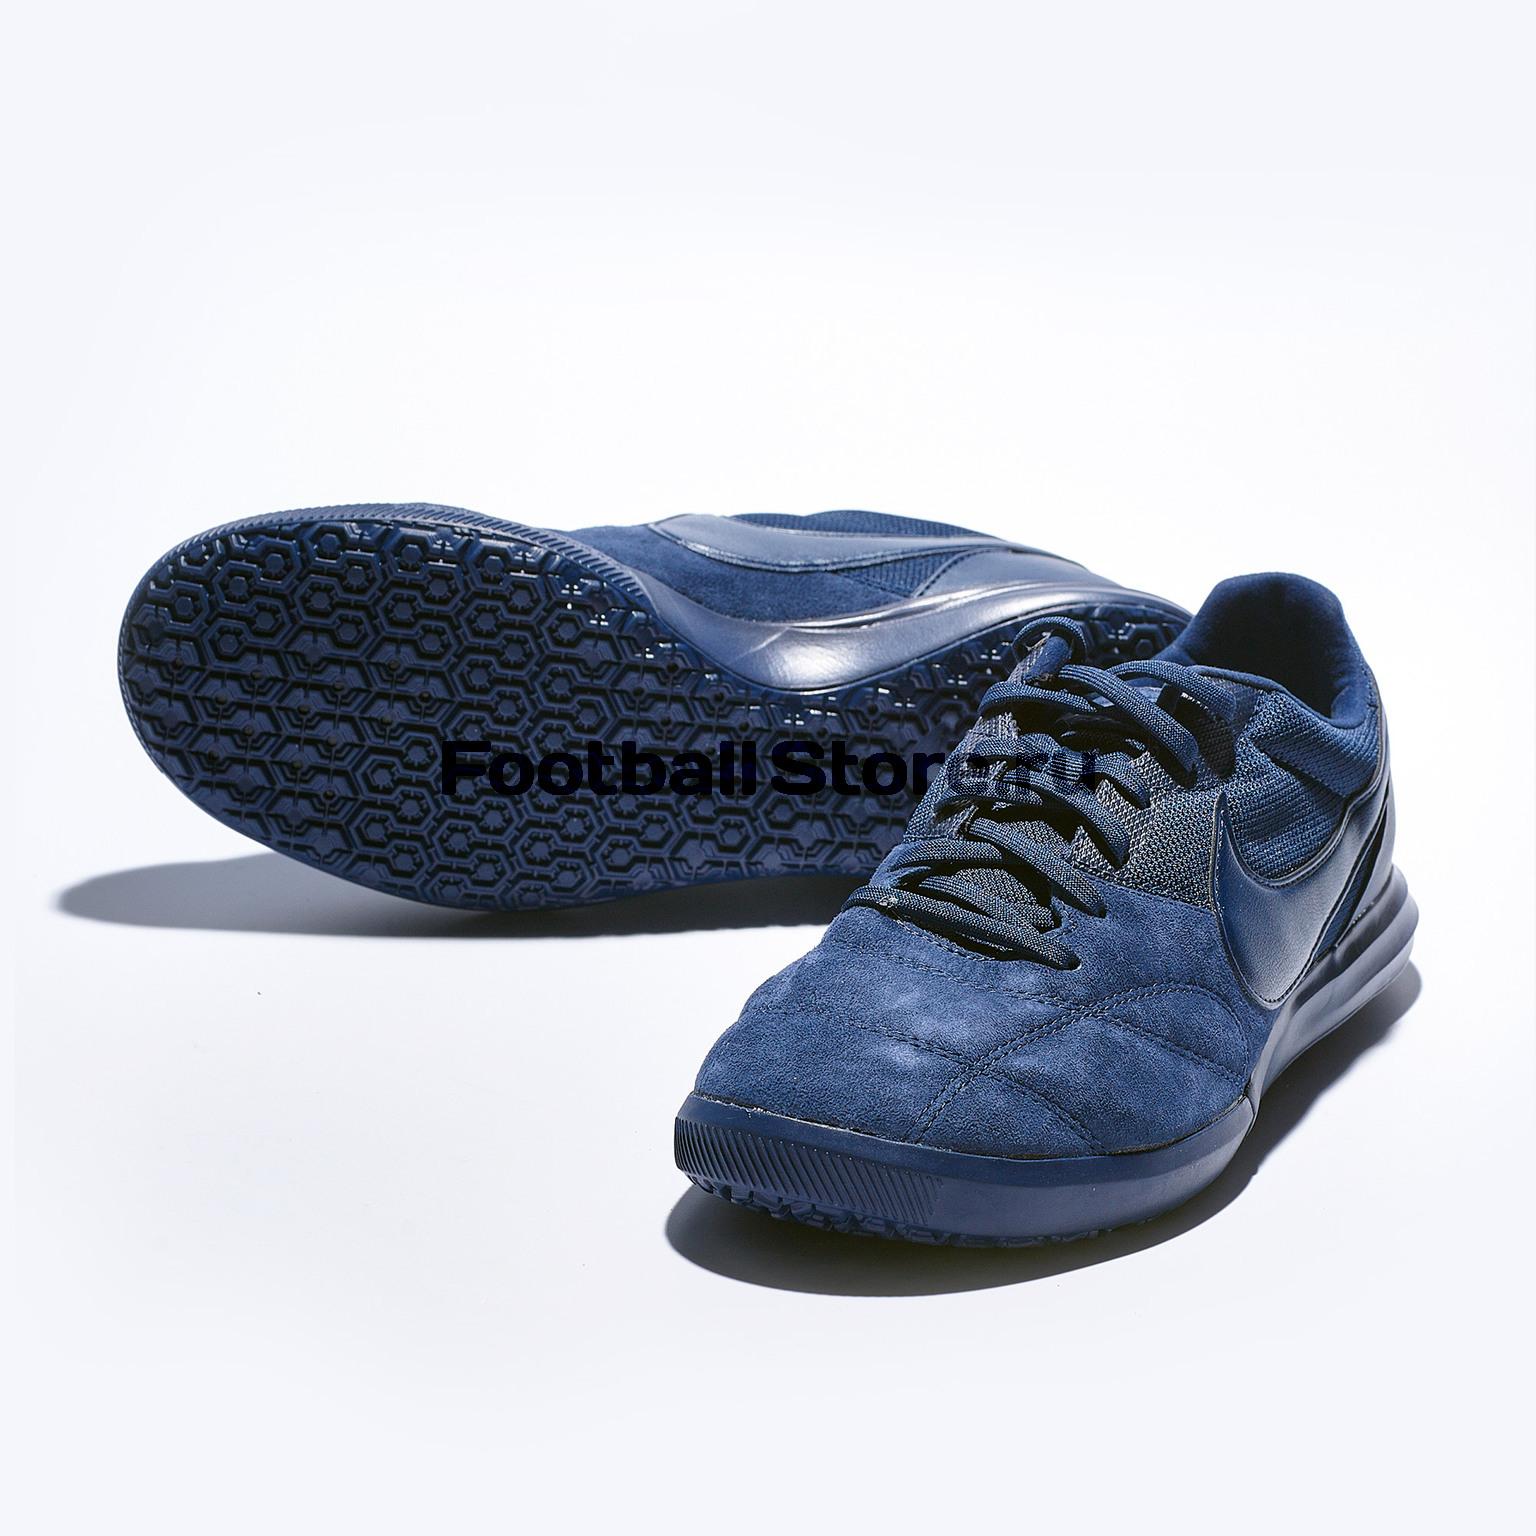 Футзалки Nike Tiempo Premier II Sala AV3153-441 футзалки nike tiempo premier ii sala av3153 441